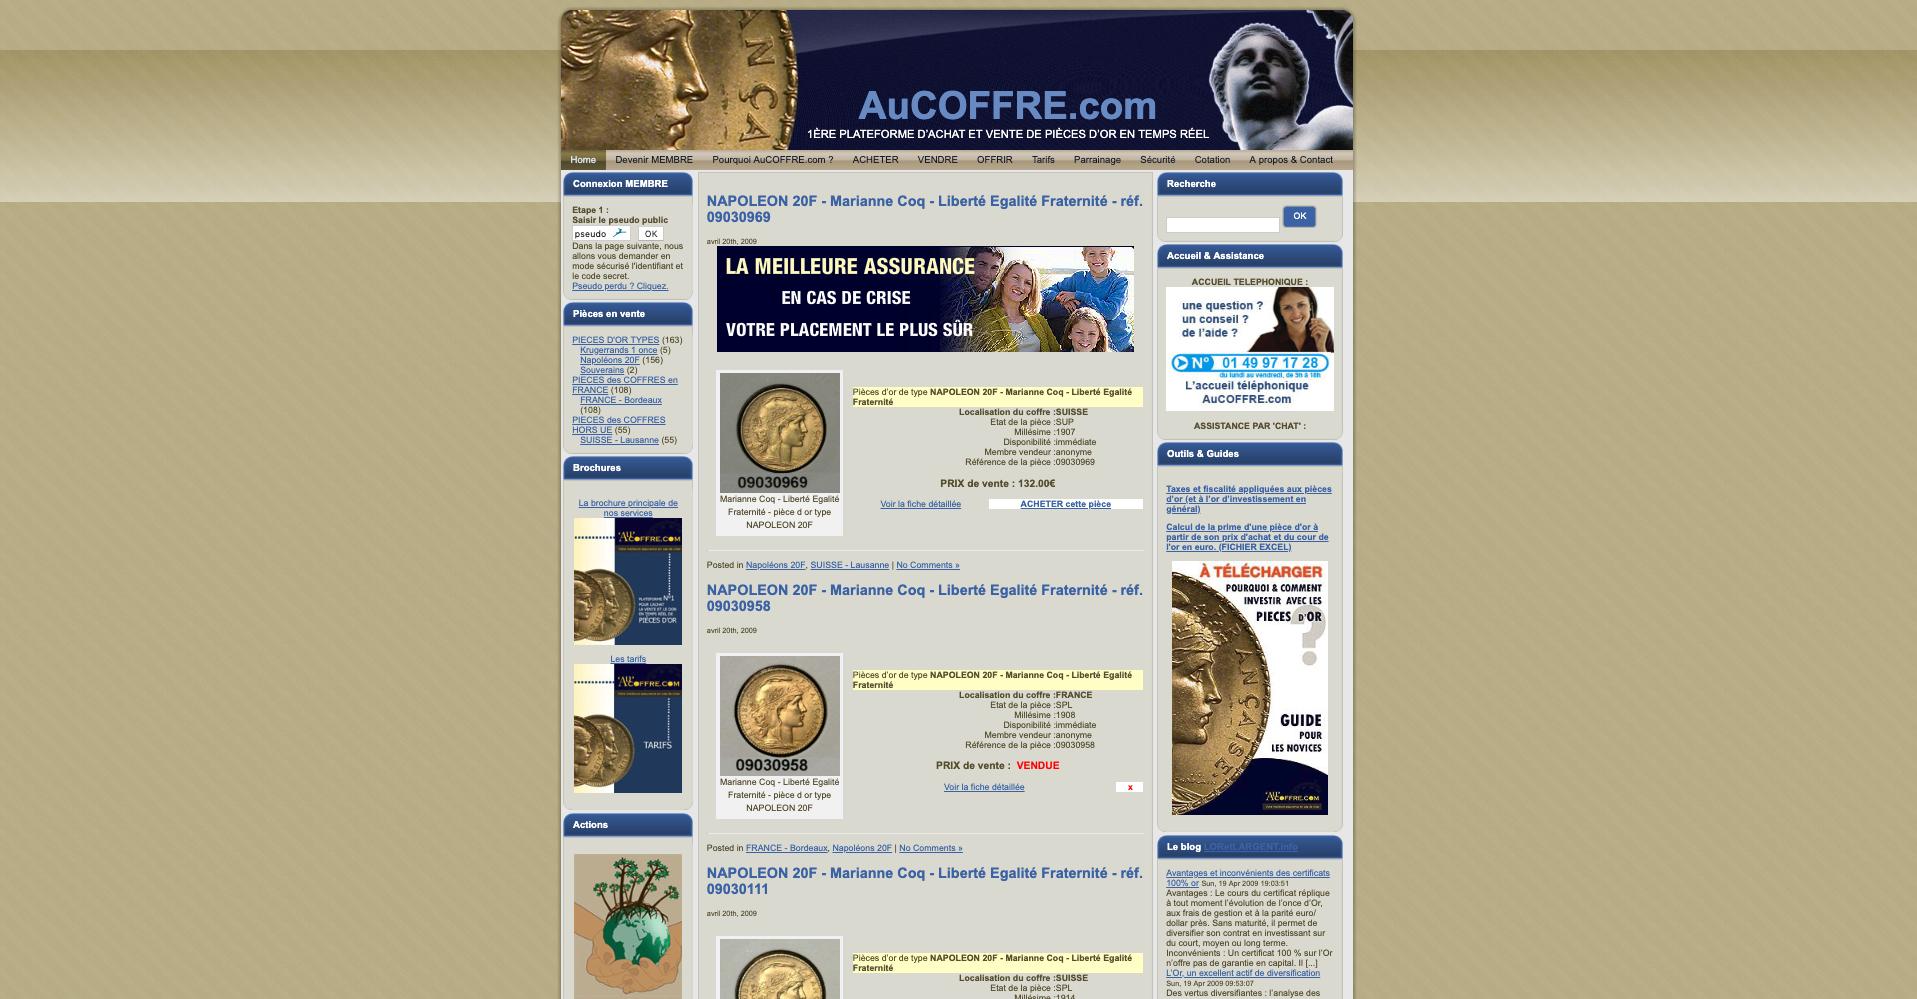 AuCOFFRE.com première version